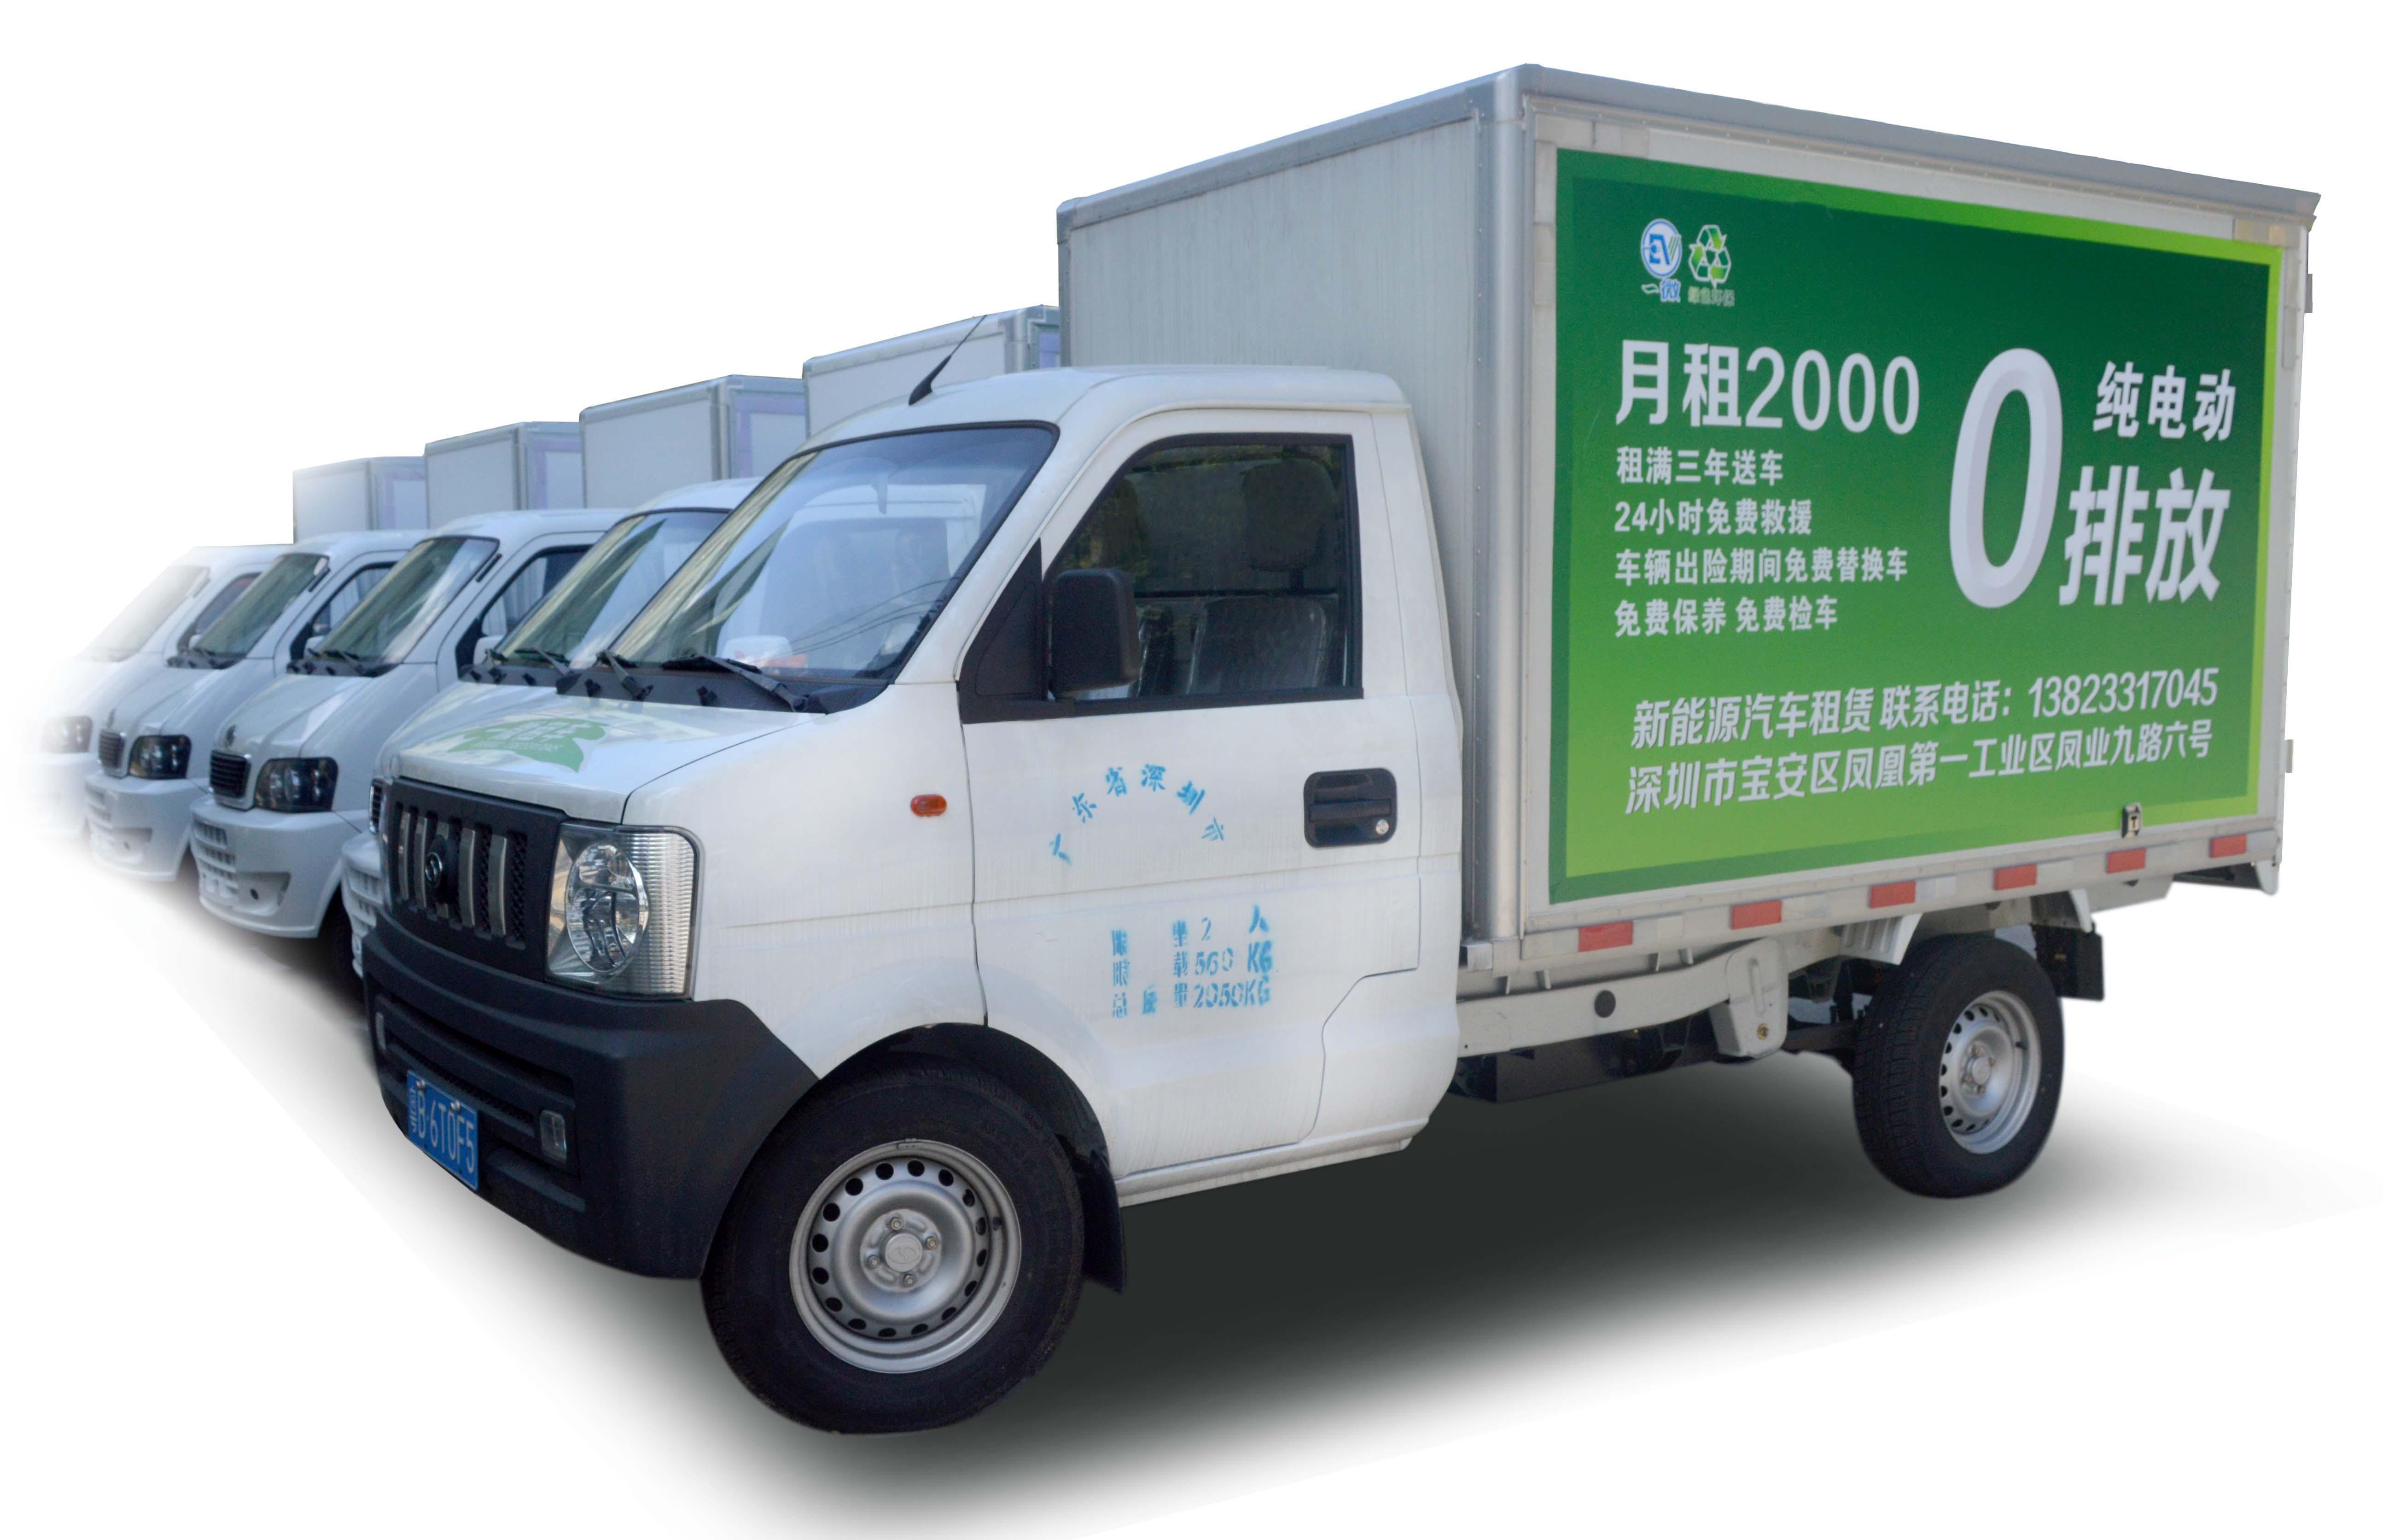 寶安東風小康電動貨車|供應深圳質量好的東風小康電動貨車